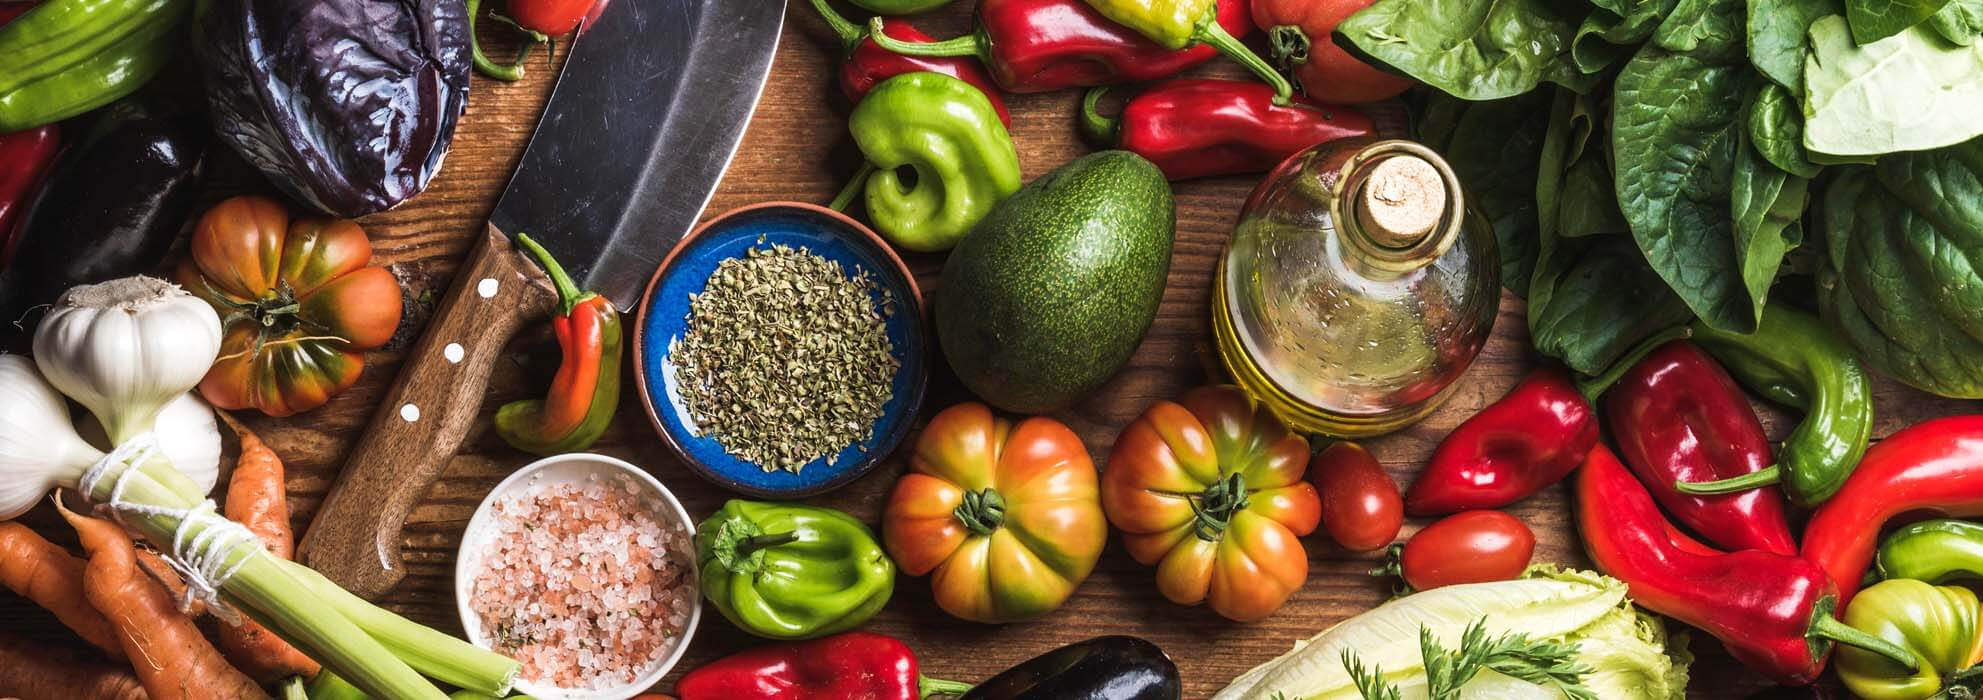 Gemüse auf Arbeitsplatte - gesund ernähren